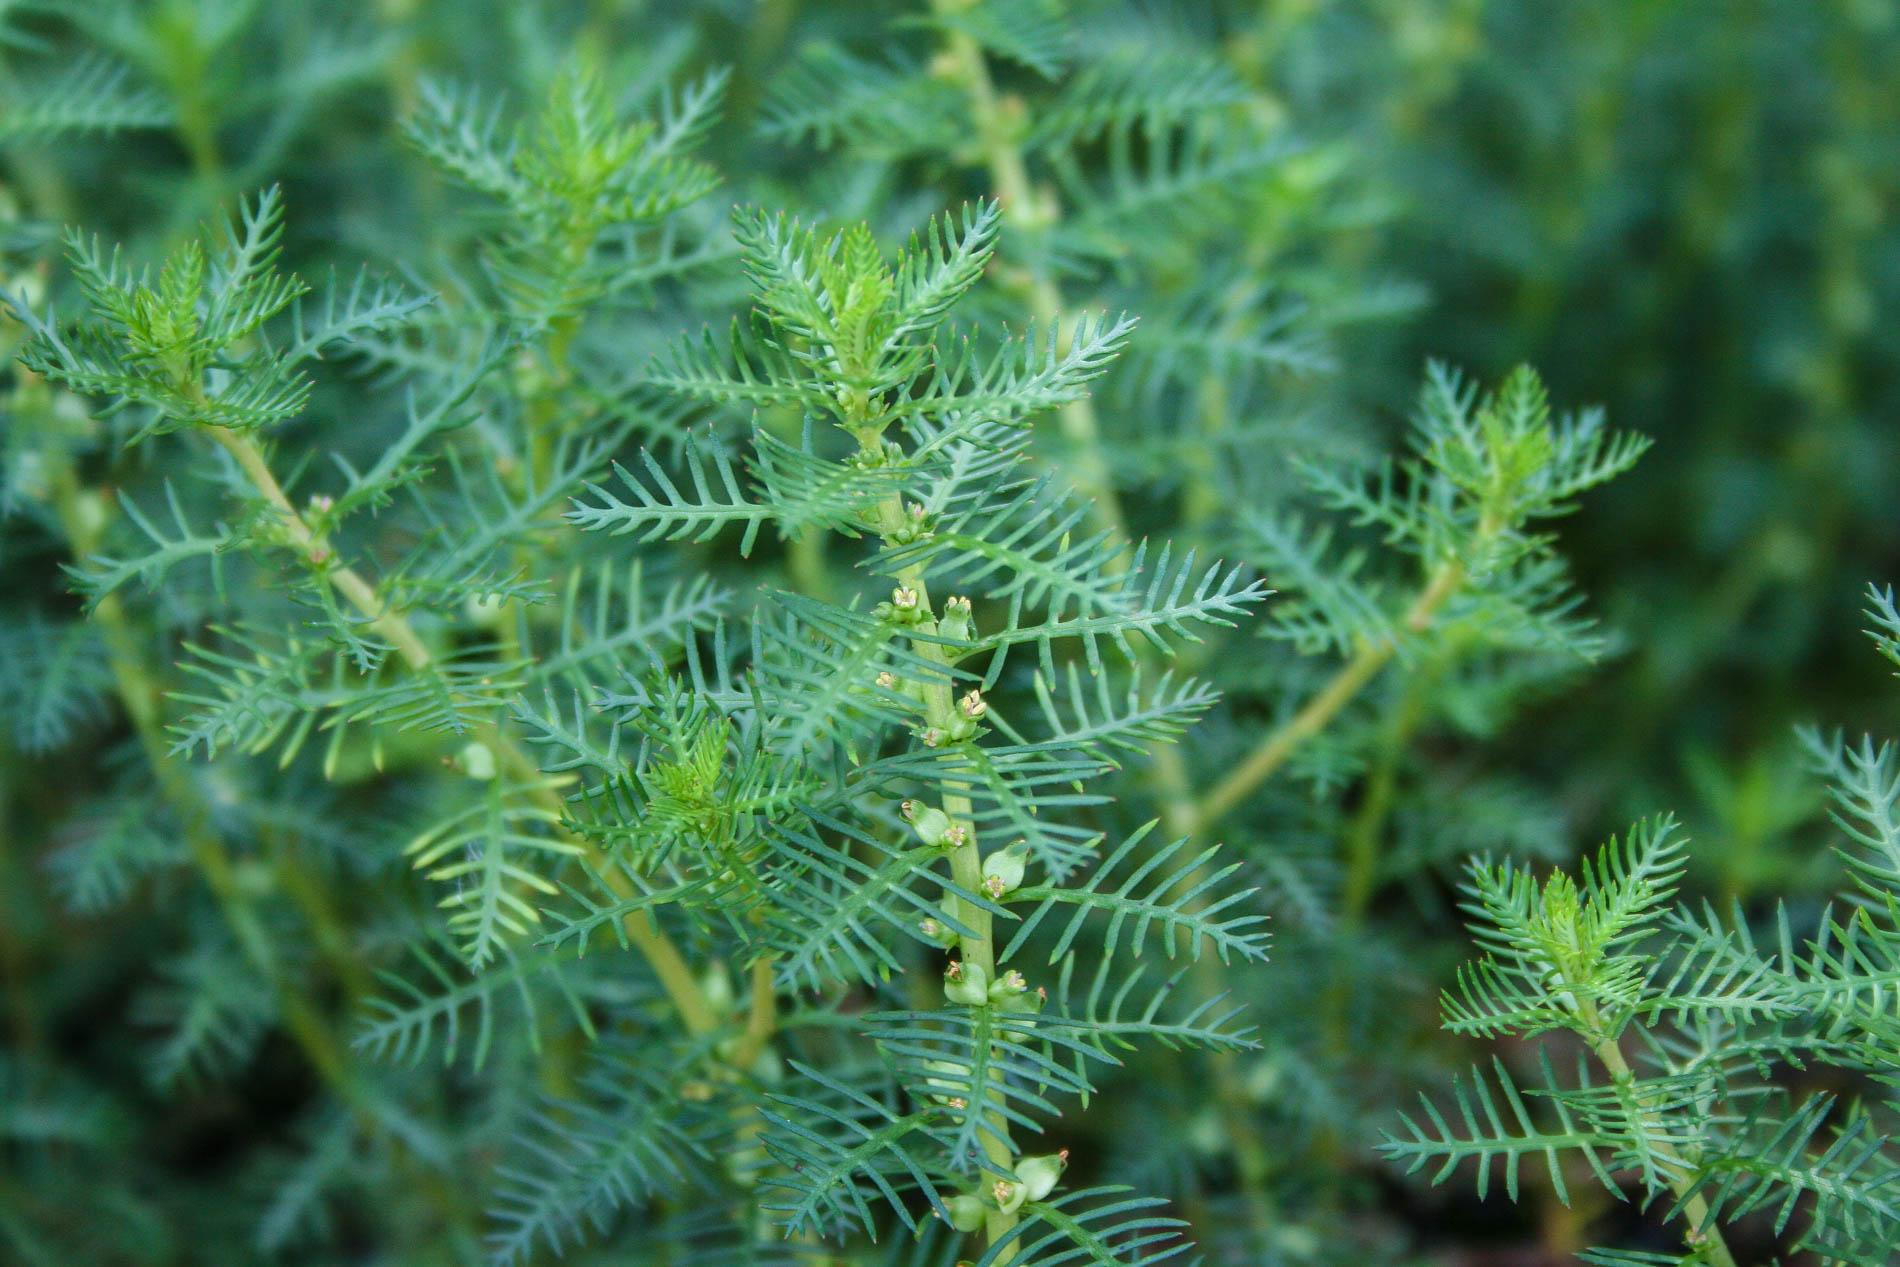 Proserpinaca pectinata flowers 2 (1 of 1).jpg